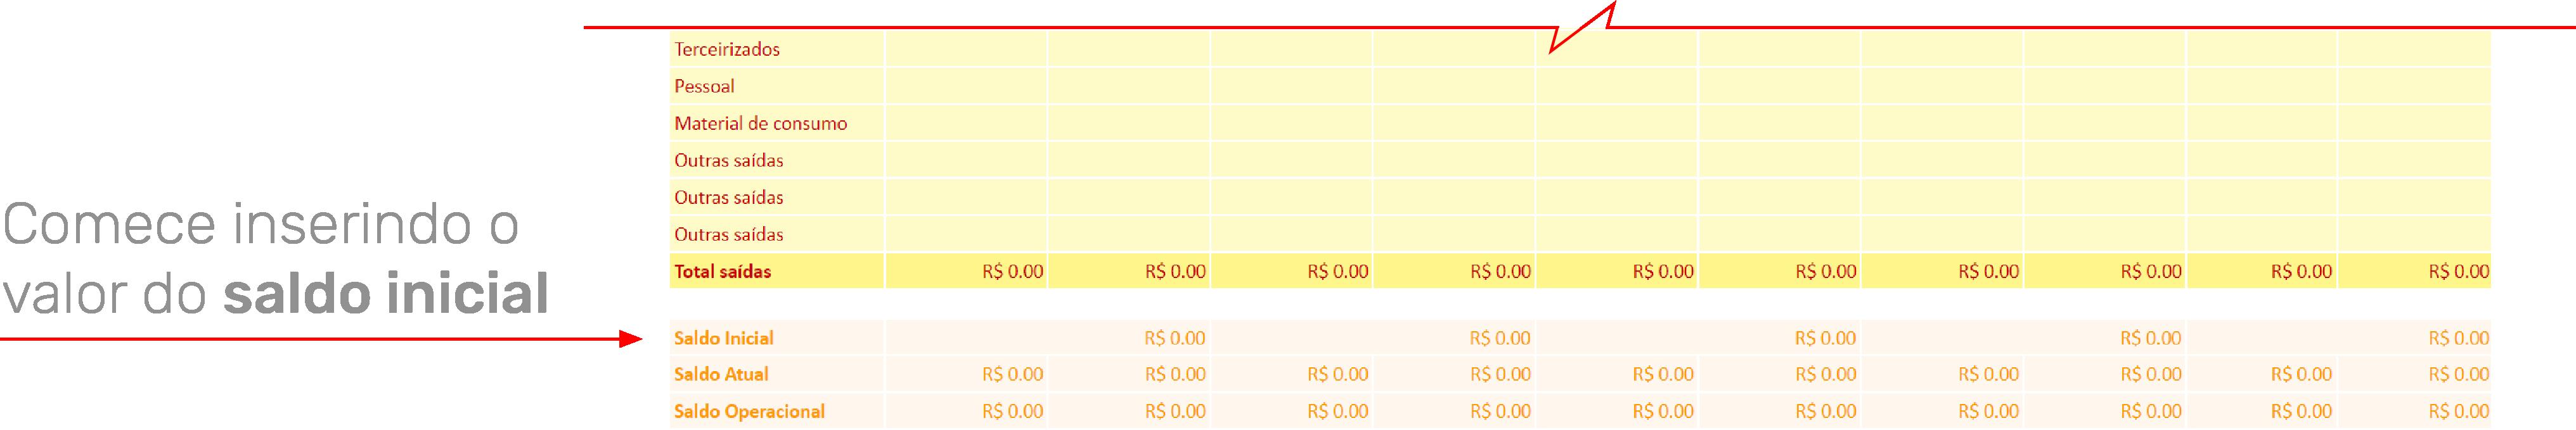 Imagem indicando a linha da planilha em que se deve ser inseridos os dados de valor inicial.